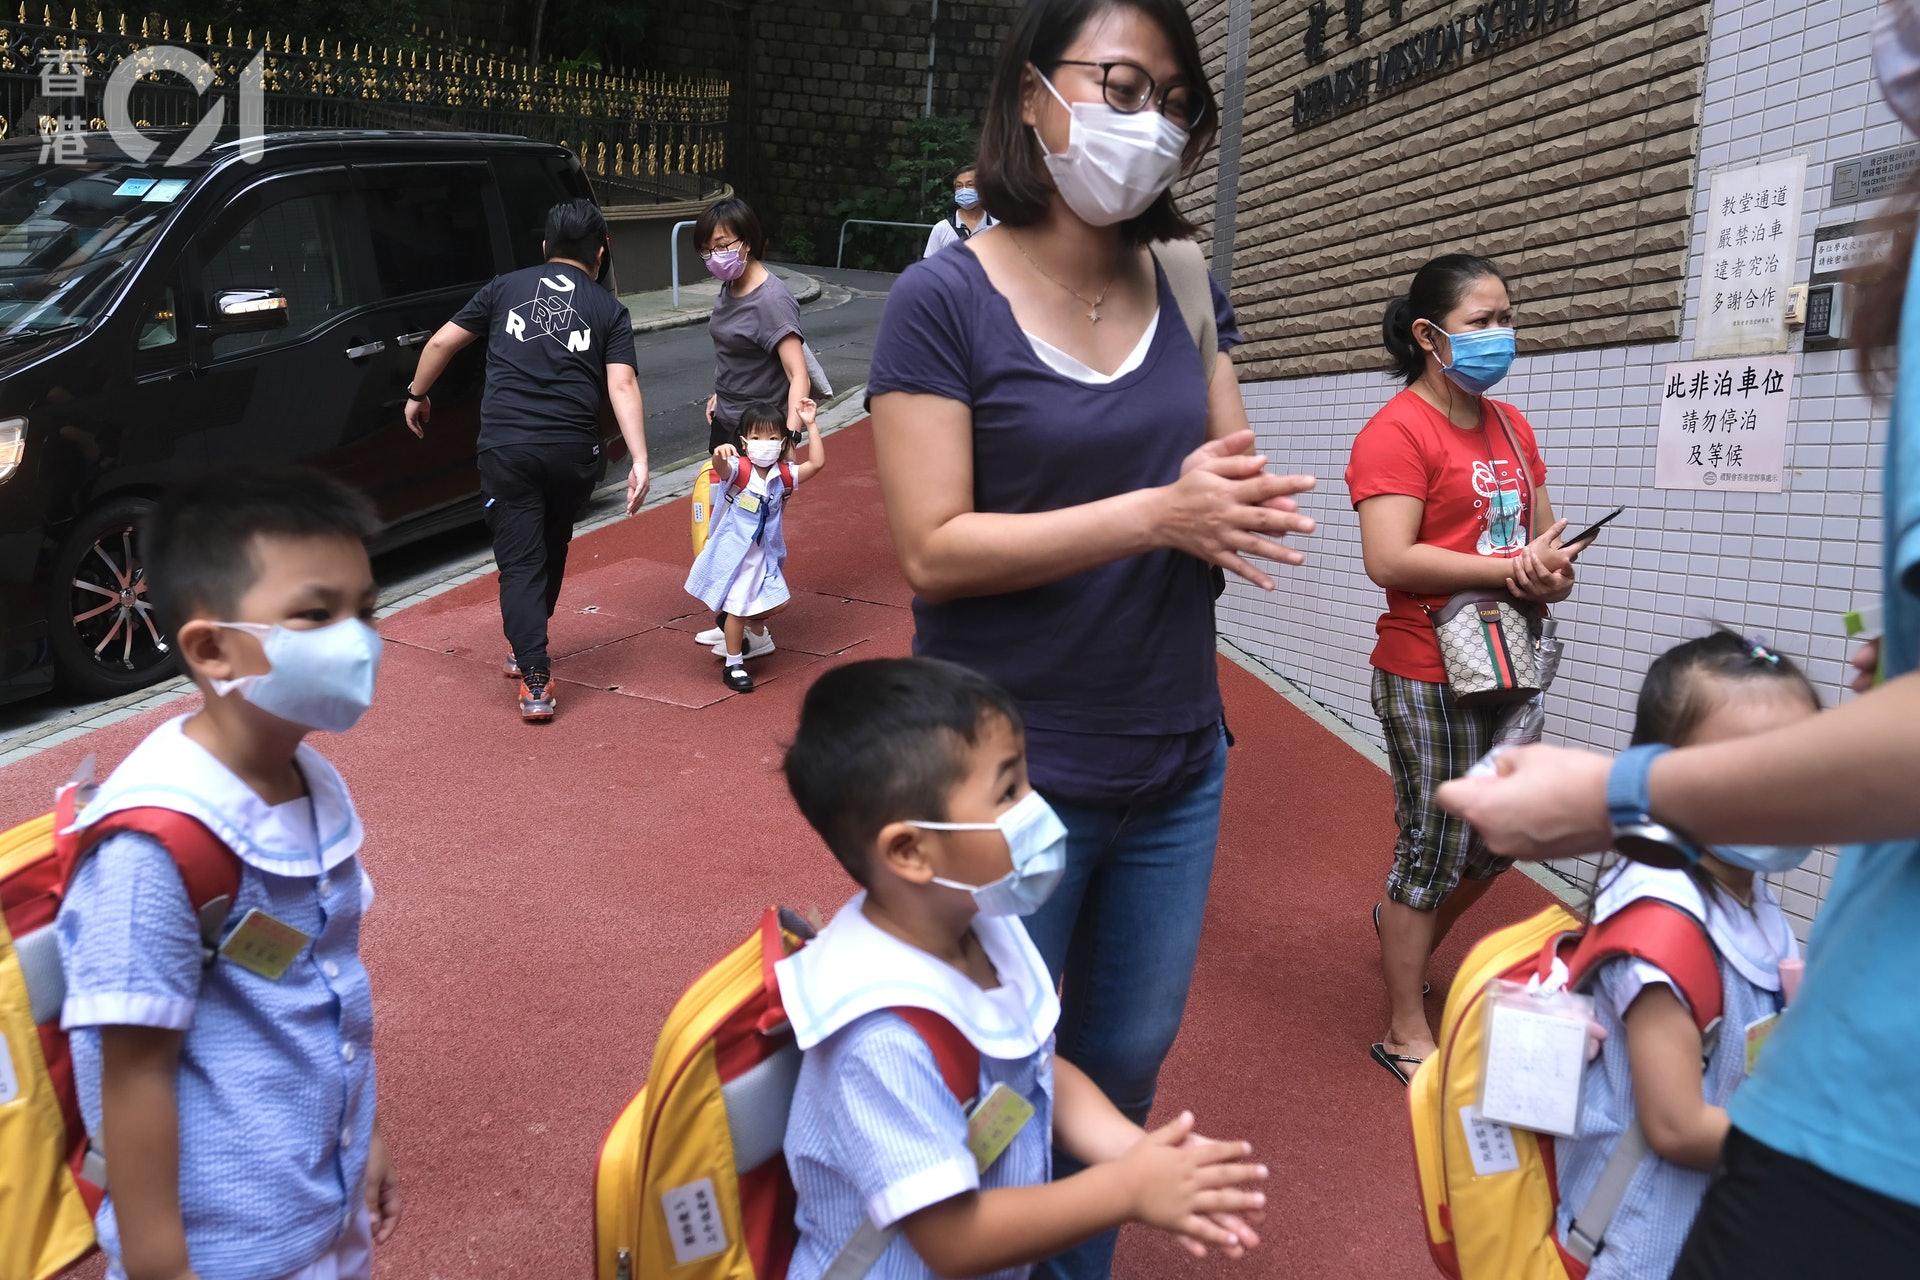 入校門已需消毒雙手。